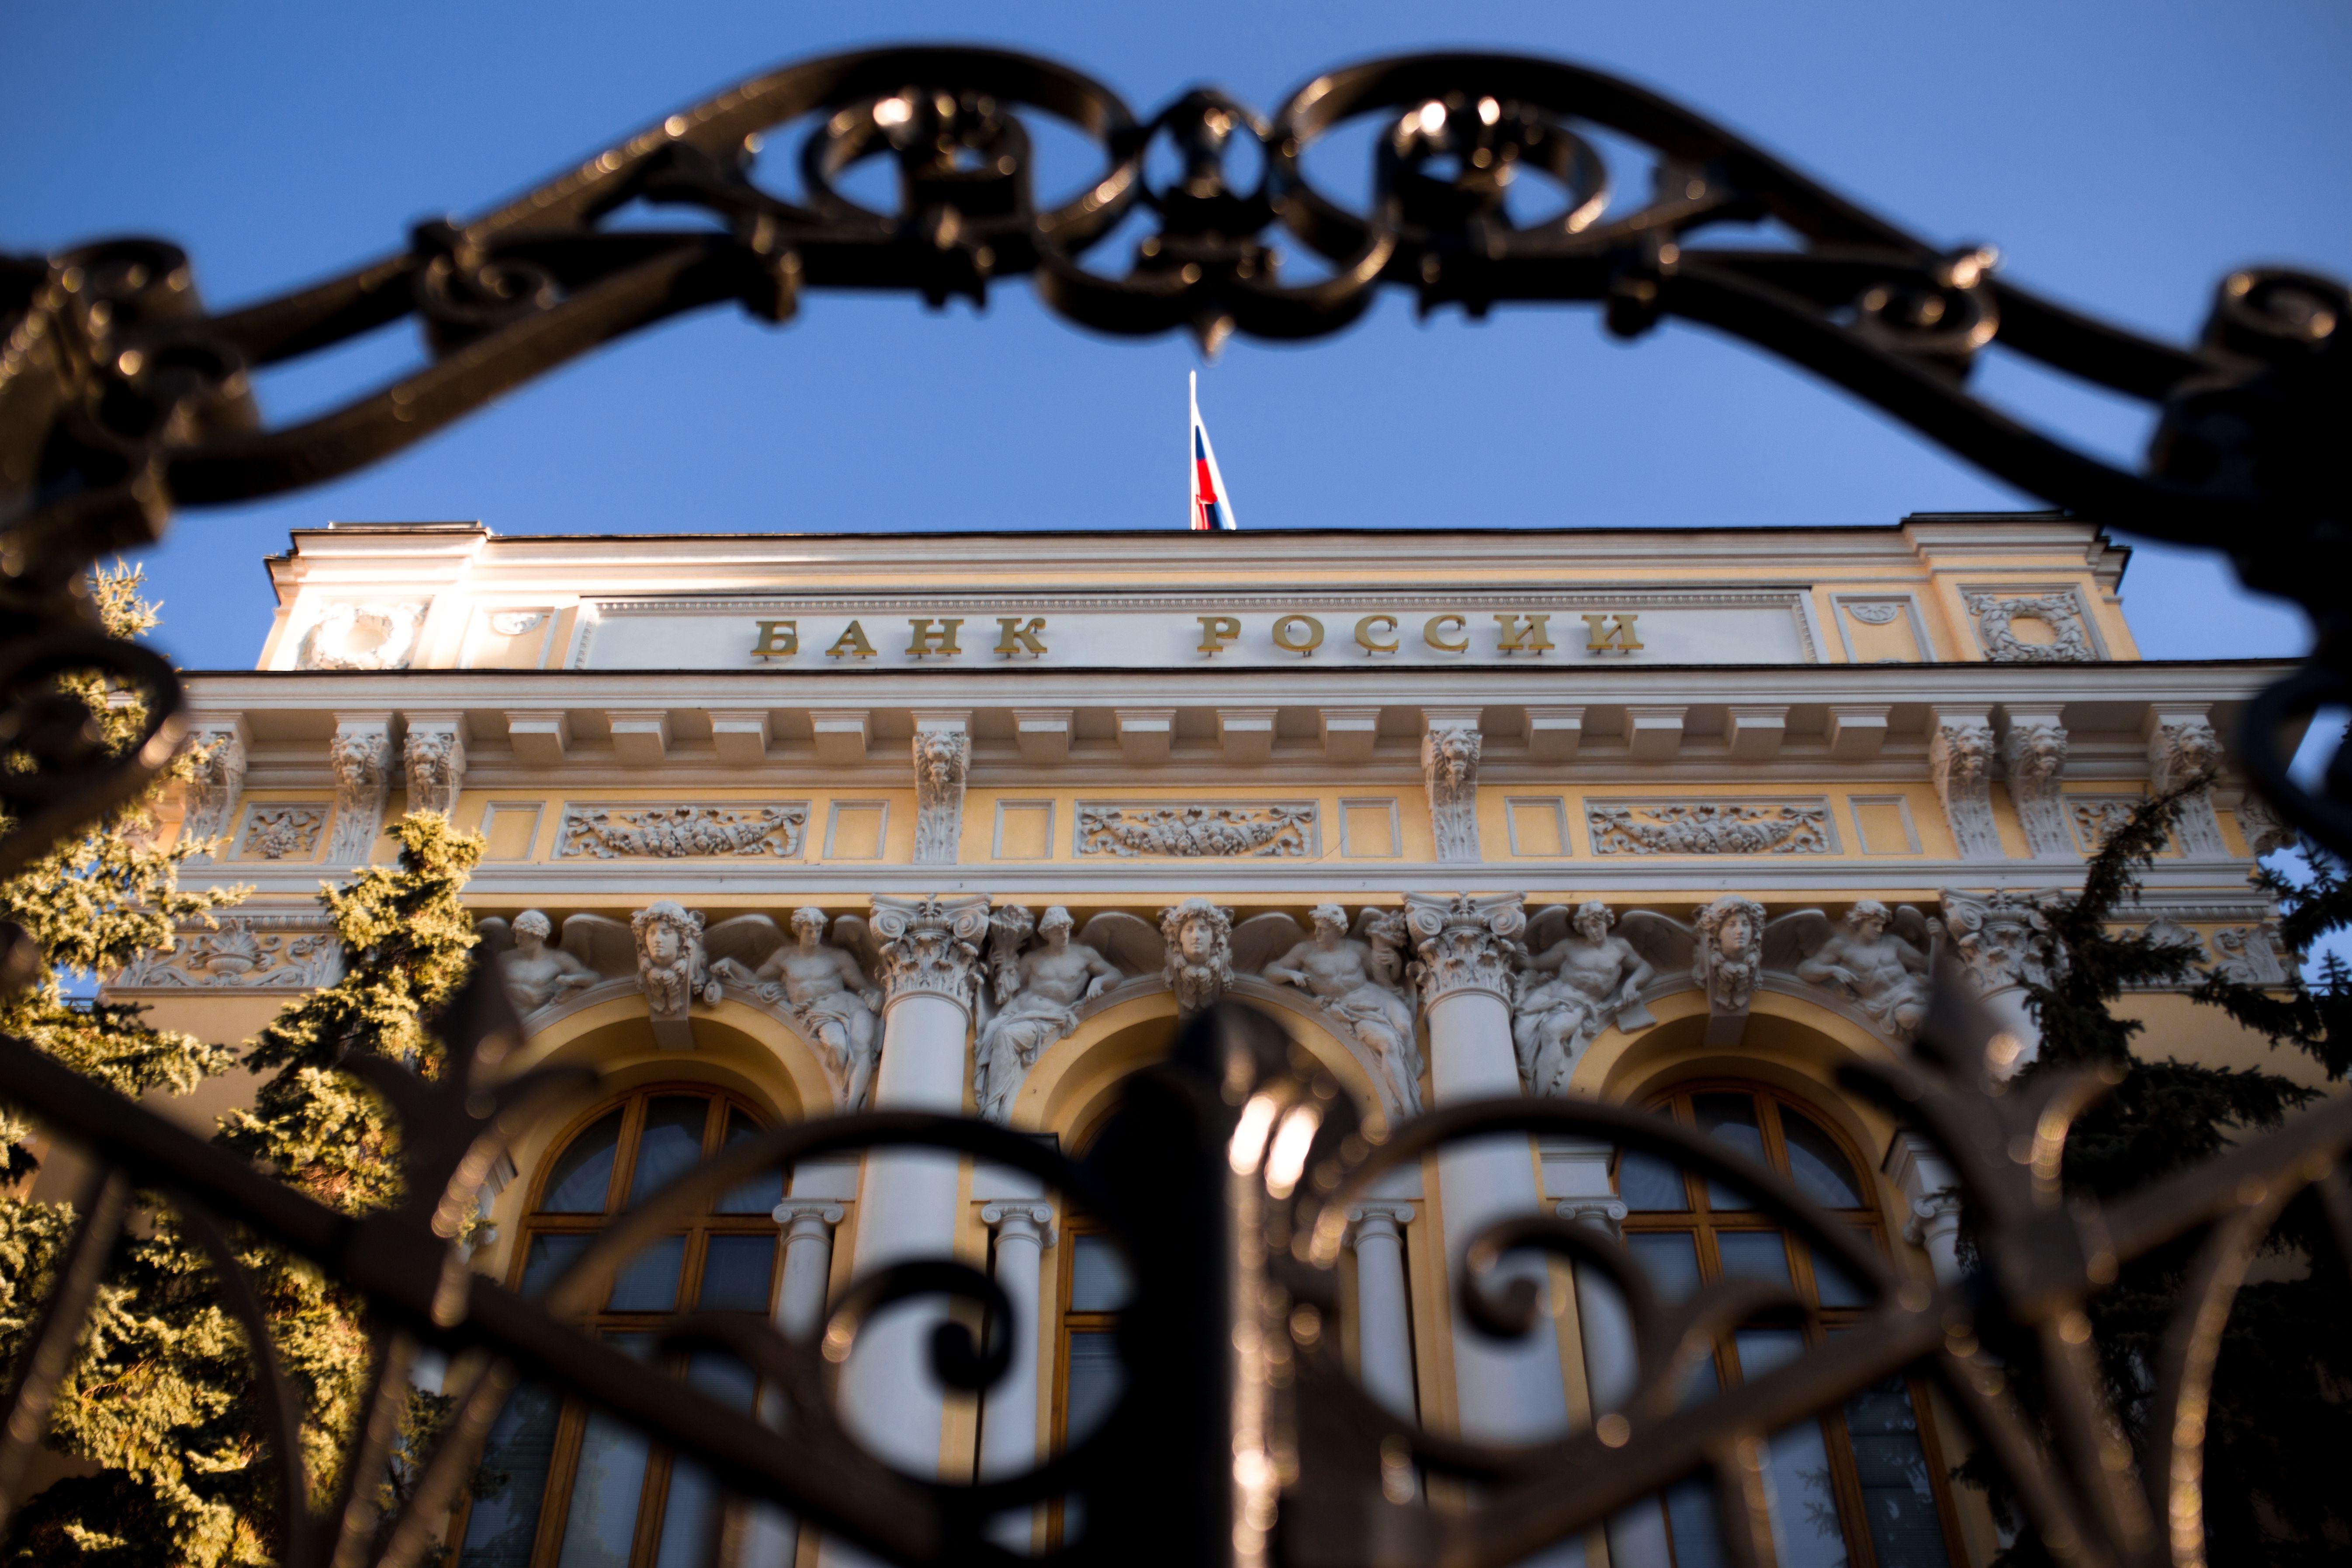 Московский «РАМ Банк» официально потерял лицению